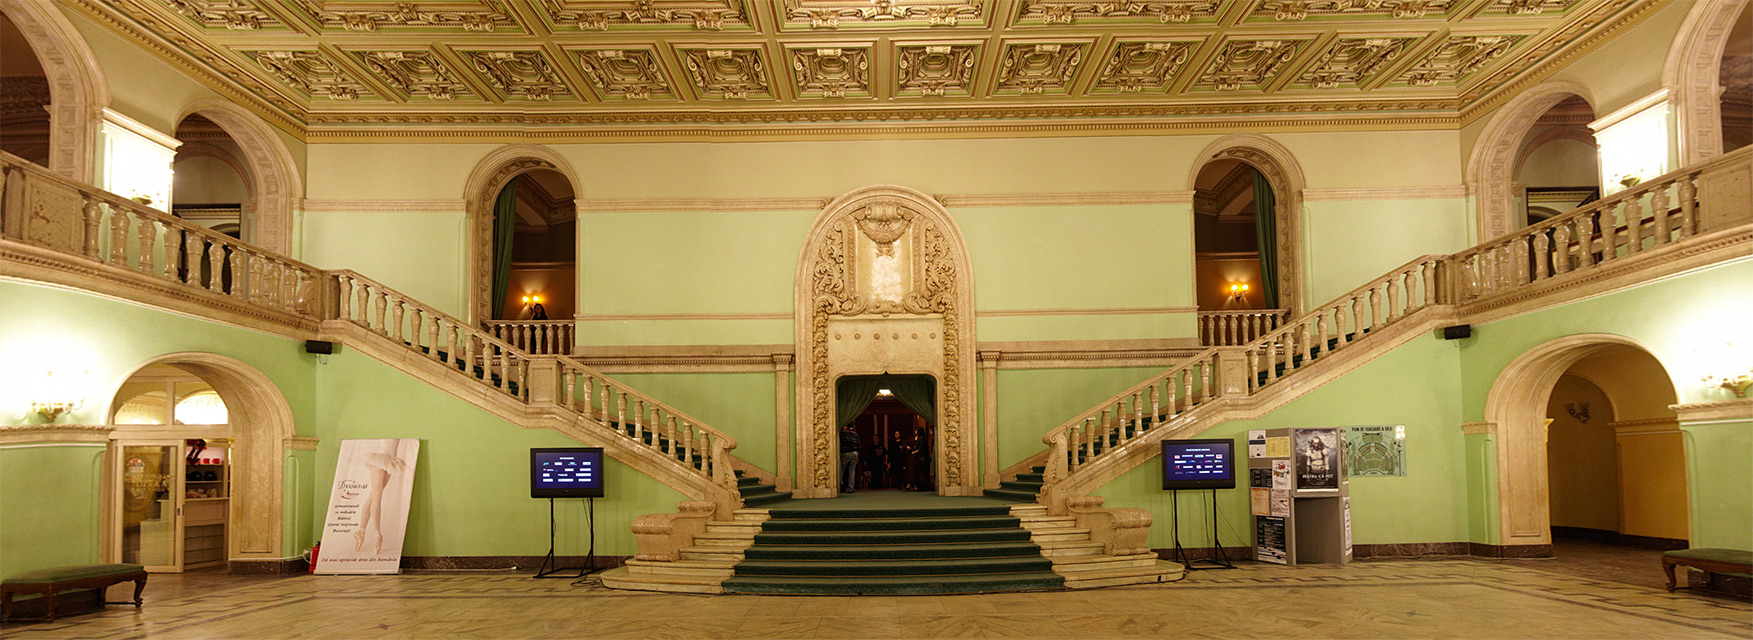 Panorama cu interiorul Operei Romane